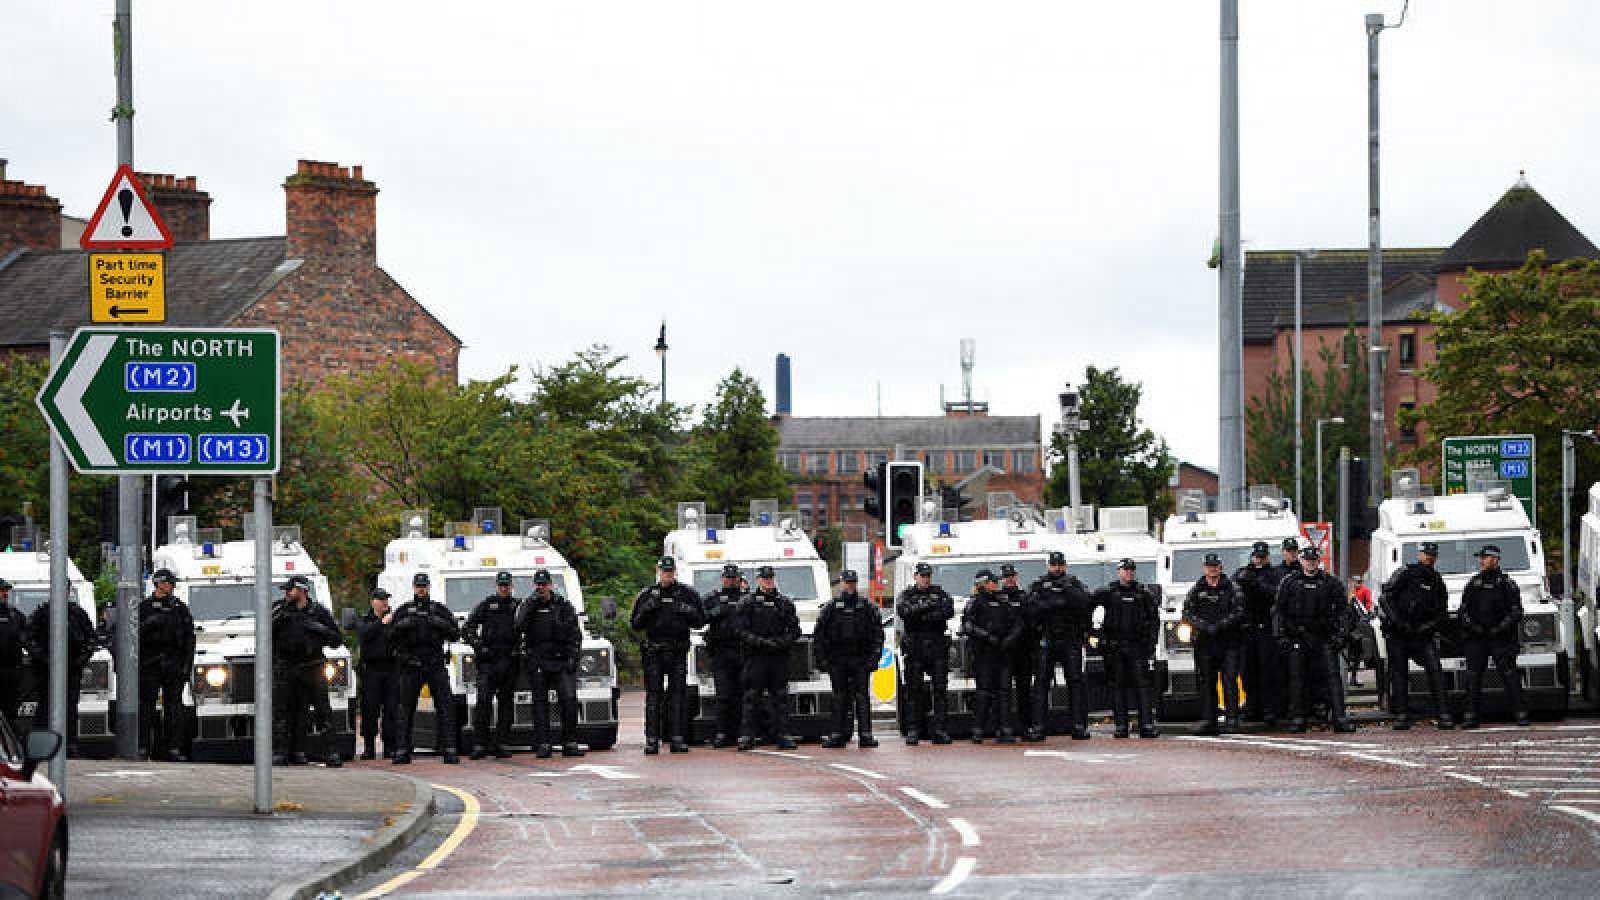 Un grupo de policías hace fila en un desfile en Belfast, en Irlanda del Norte, a principios de agosto.